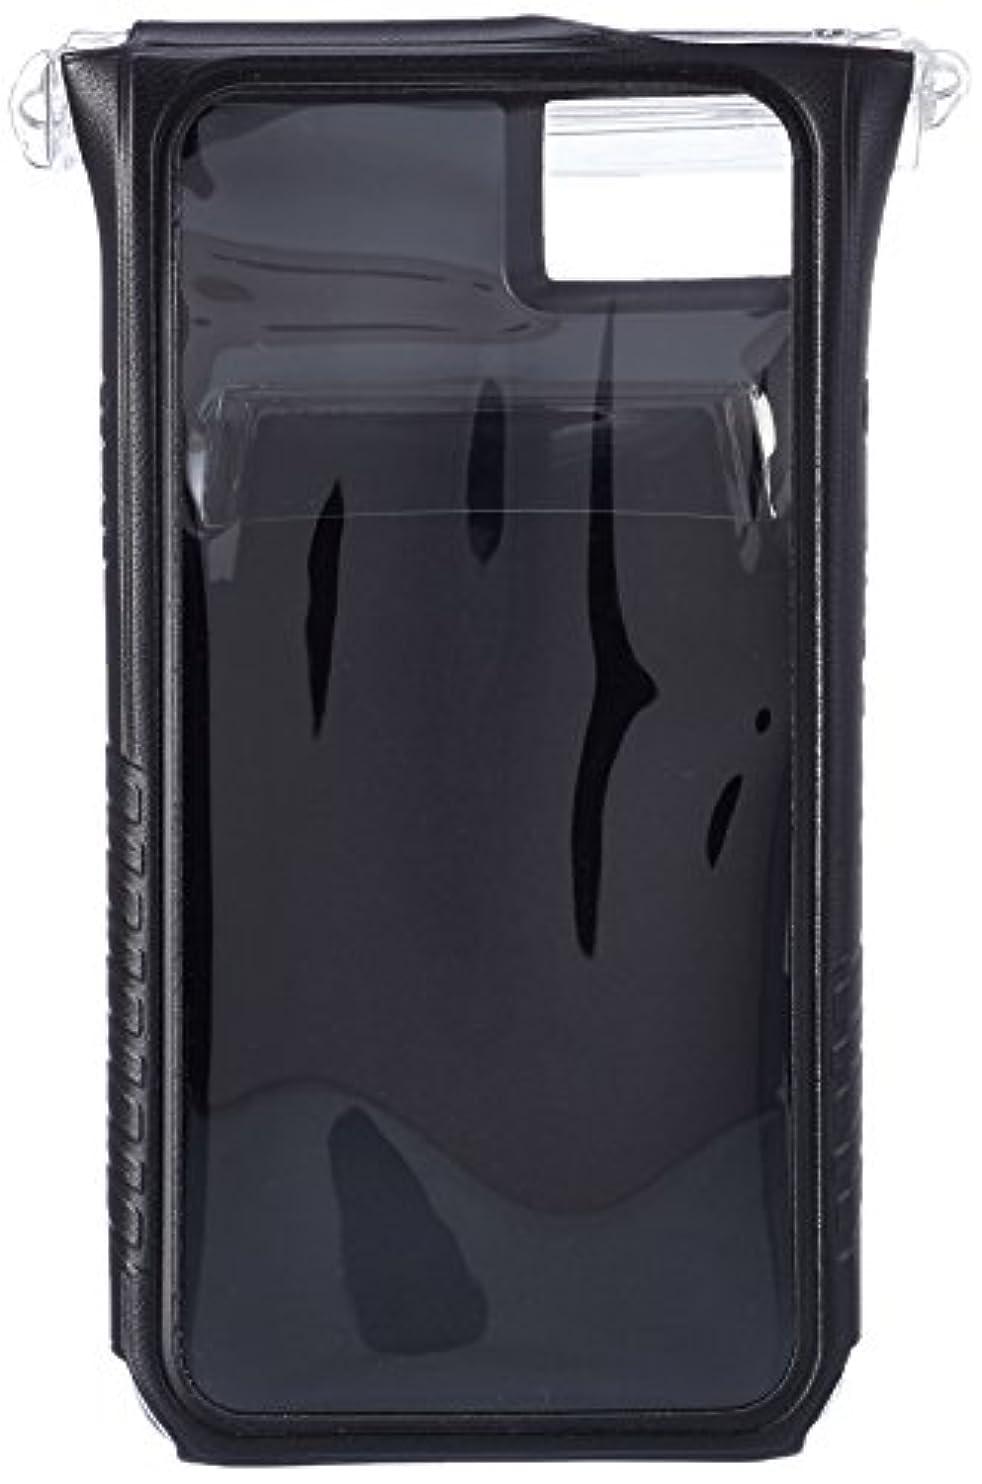 愛弱い個人的にTOPEAK ドライバッグ iPhone6用 BK